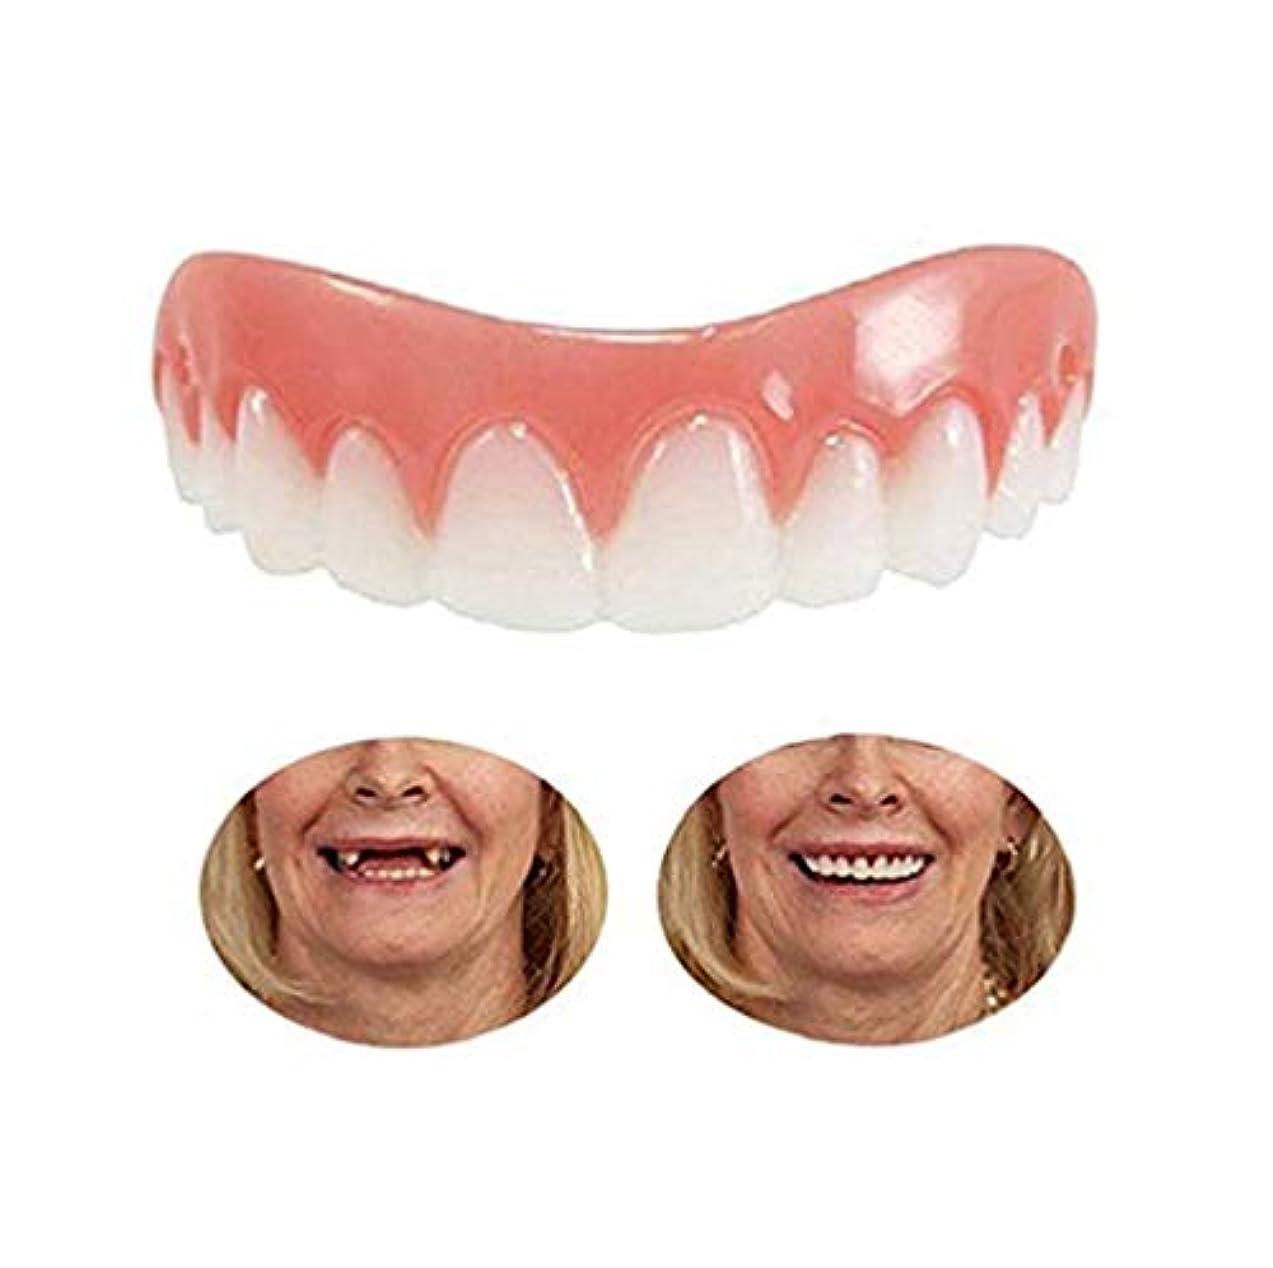 フレアミュートタール化粧品歯科ベニヤパーフェクトスマイルインスタントスマイル歯科快適なトップベニア化粧品を白くする2個の 一時的な義歯義歯